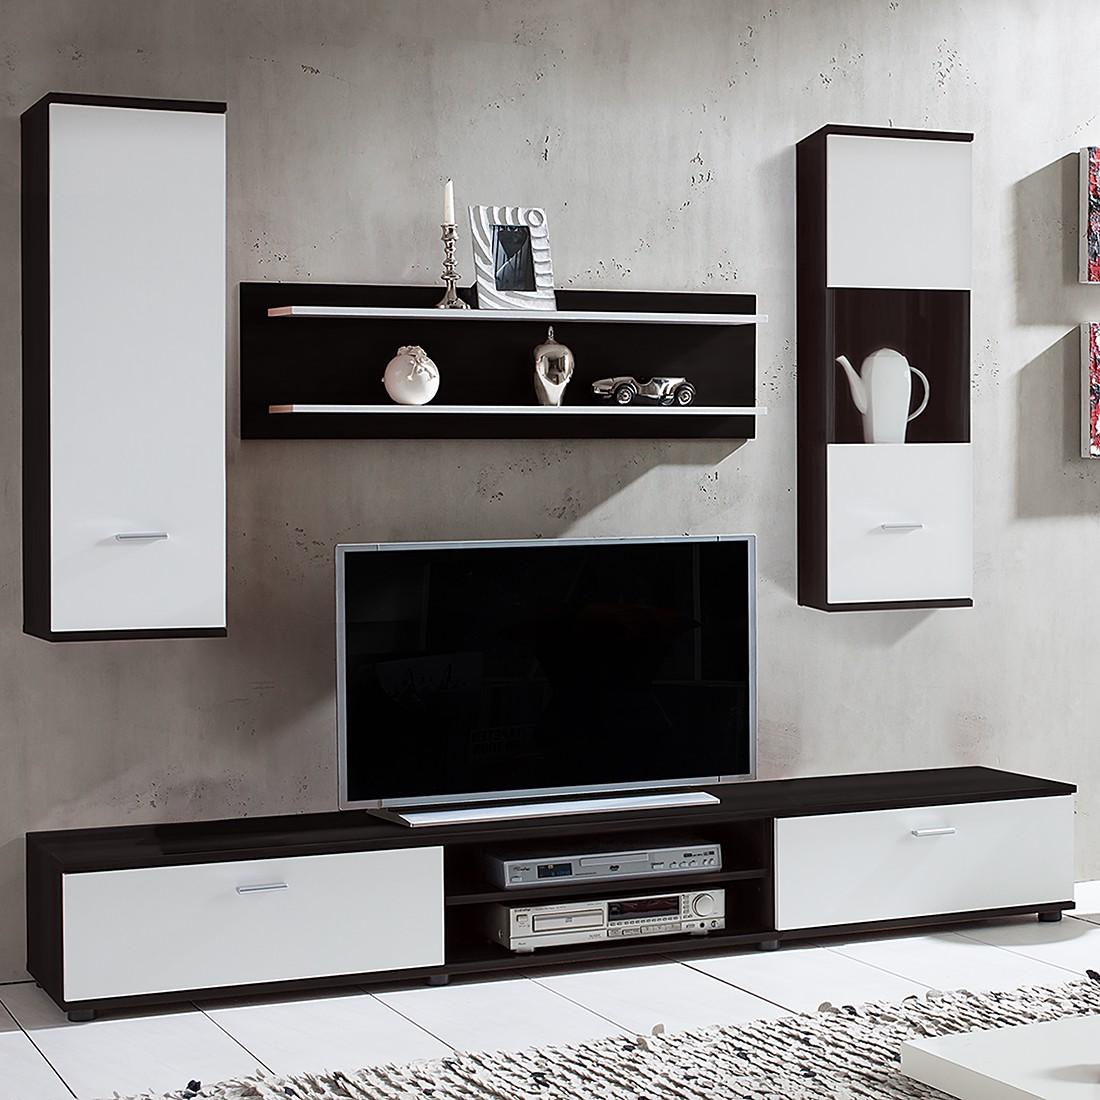 Wohnwand Grinda (4-teilig) – Schwarz/Weiß, mooved günstig